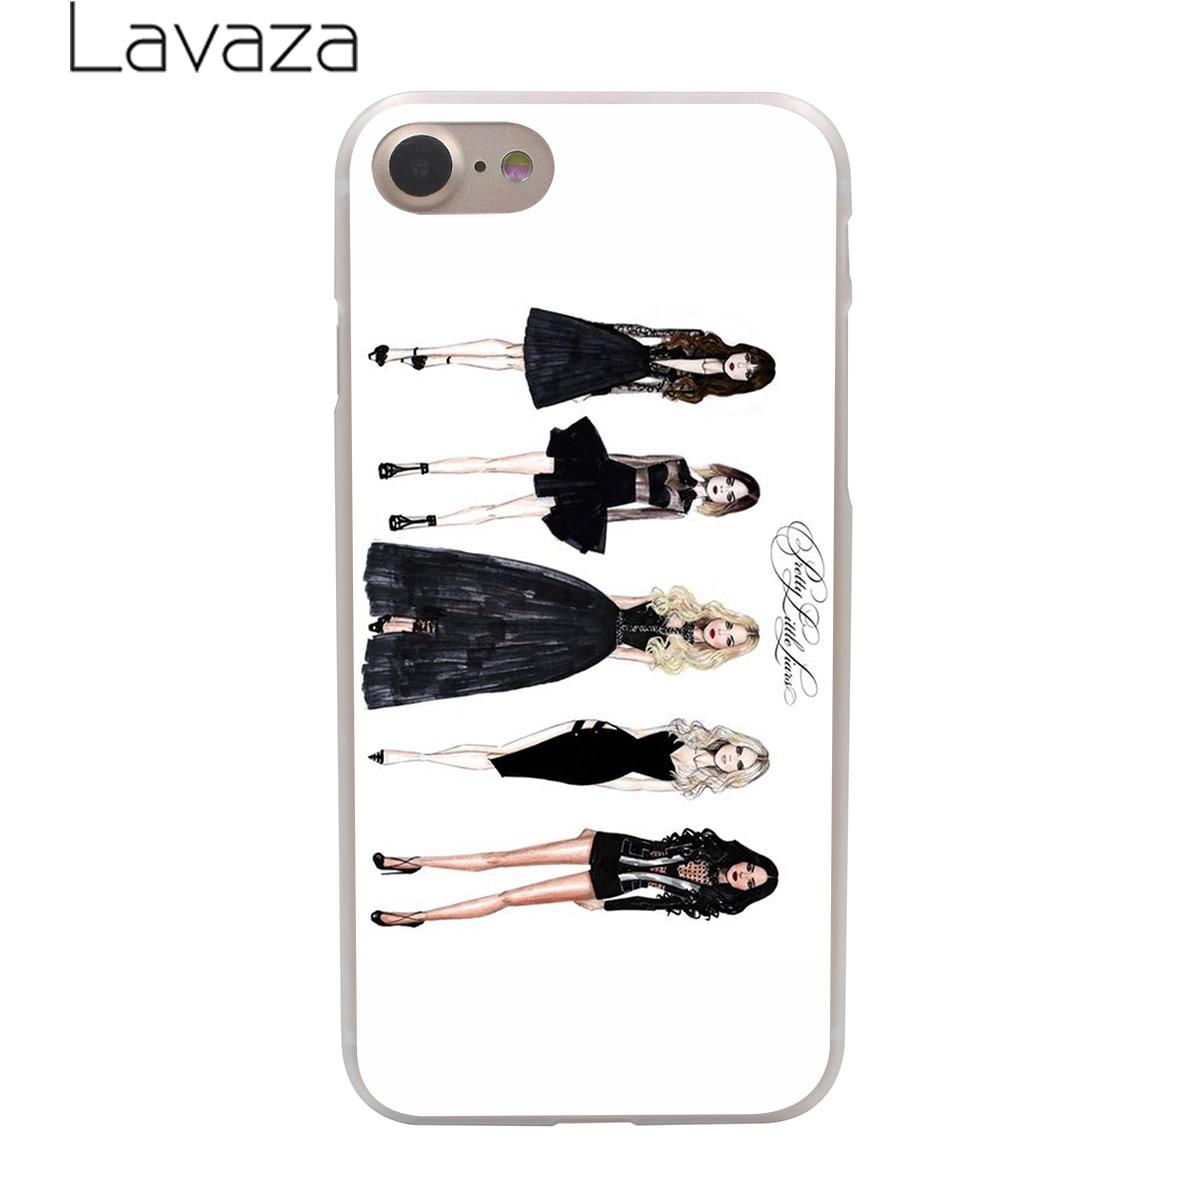 Cover Max Lavaza 5S